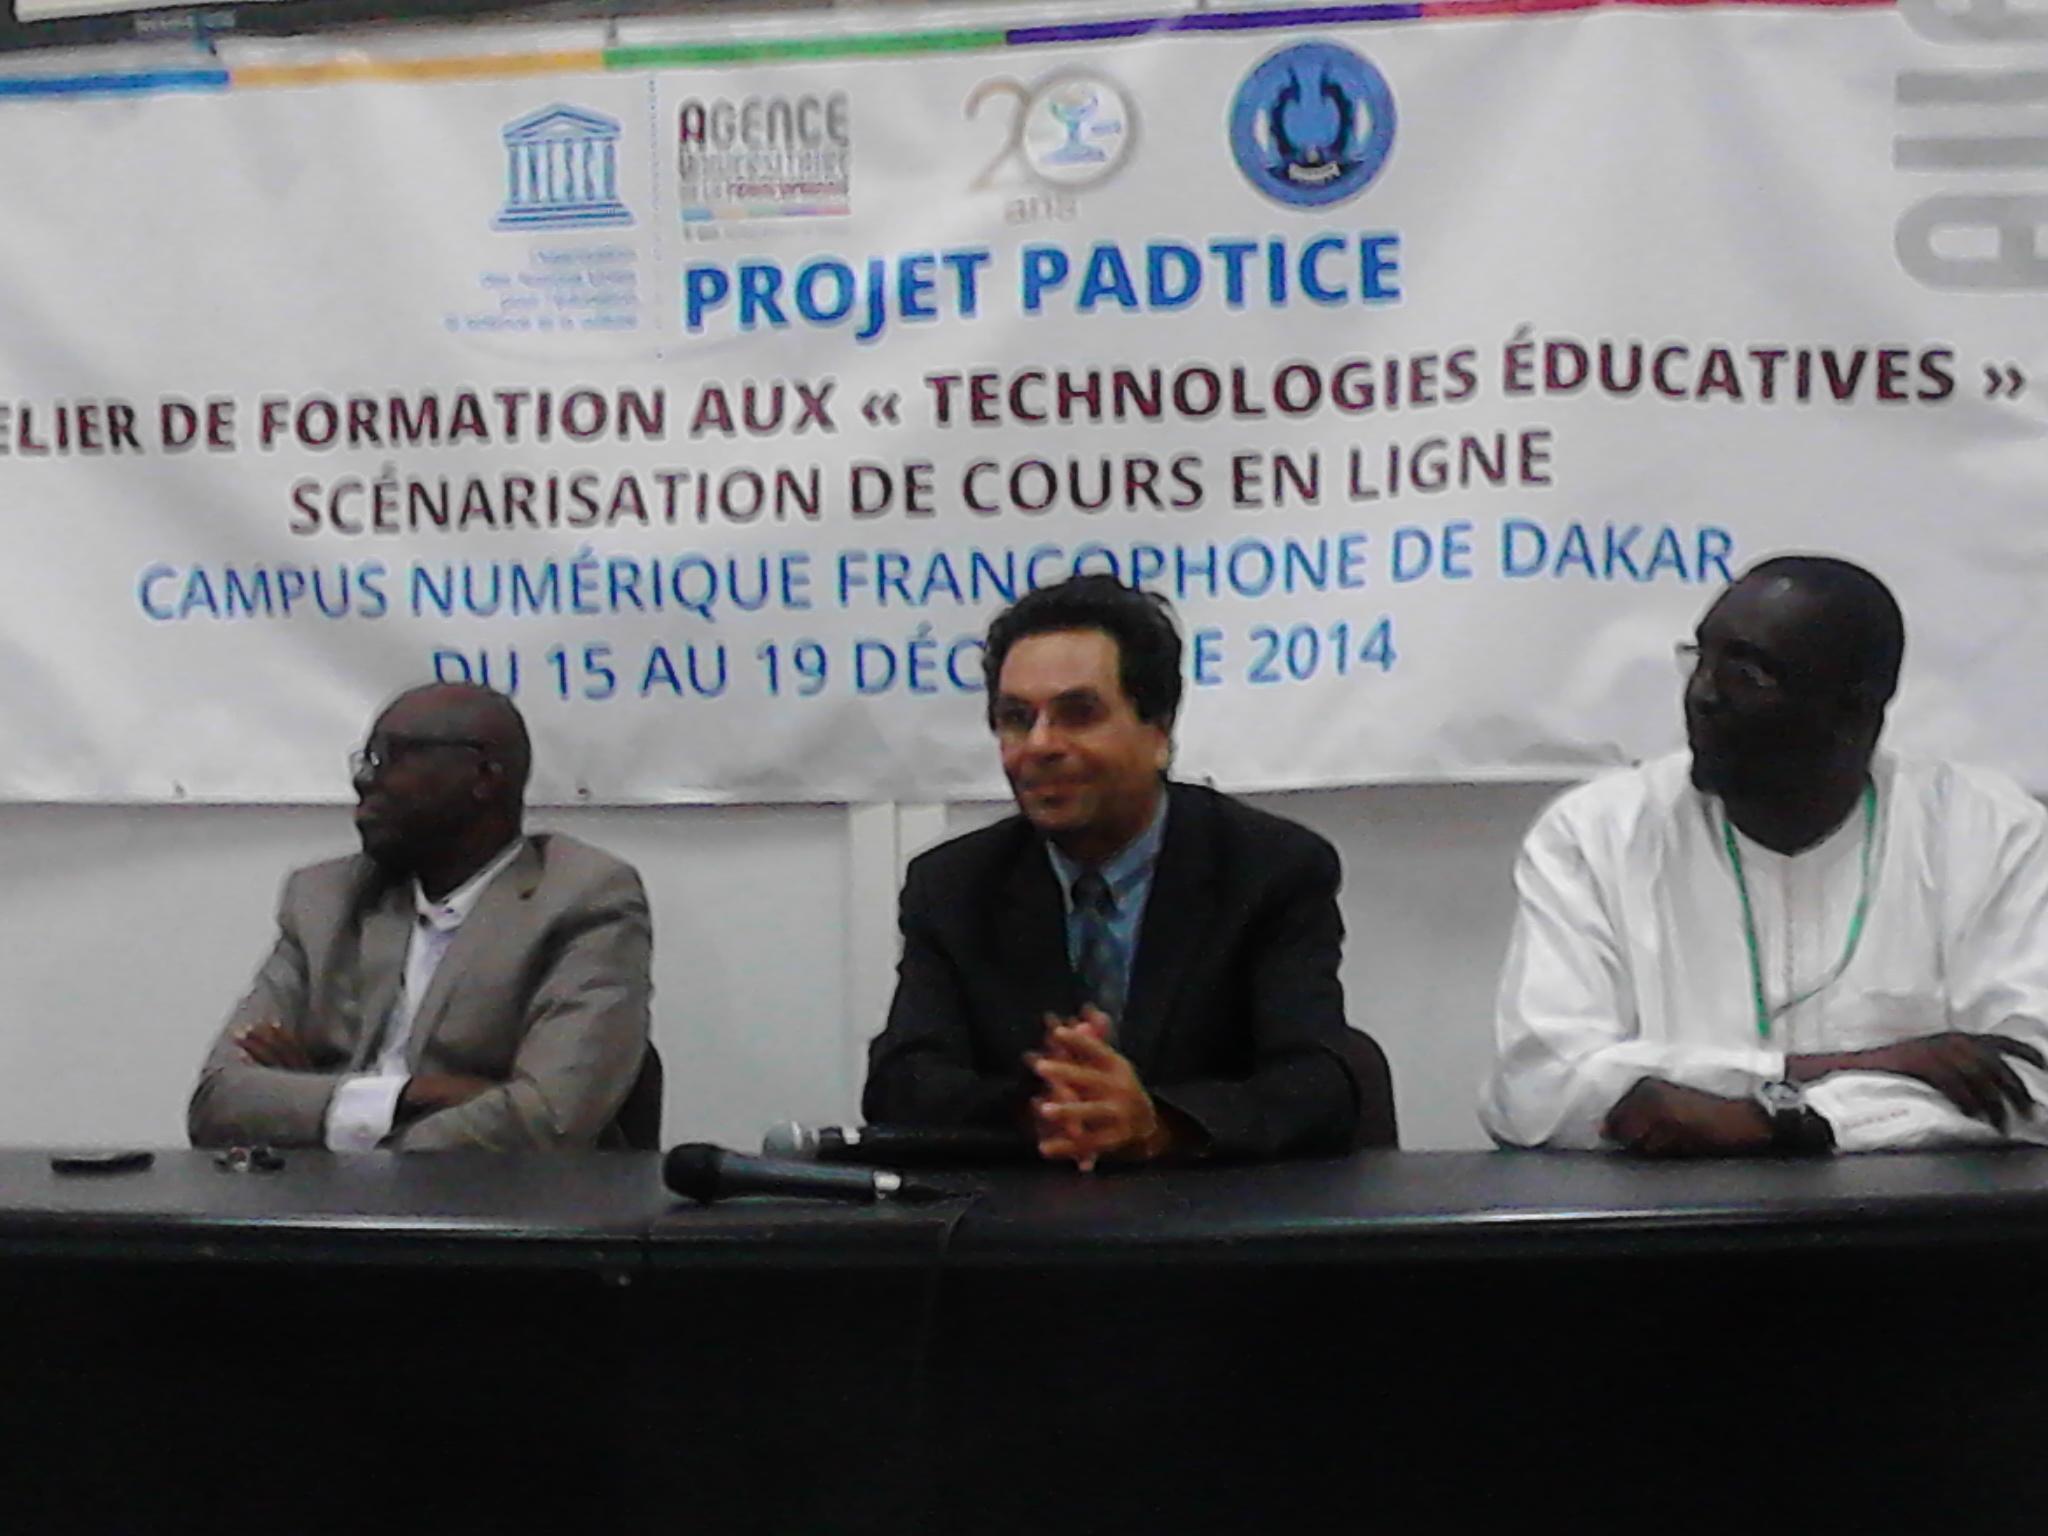 L'AUF et les cours en ligne : c'est l'espoir qui renaît face à la massification dans l'Enseignement supérieur